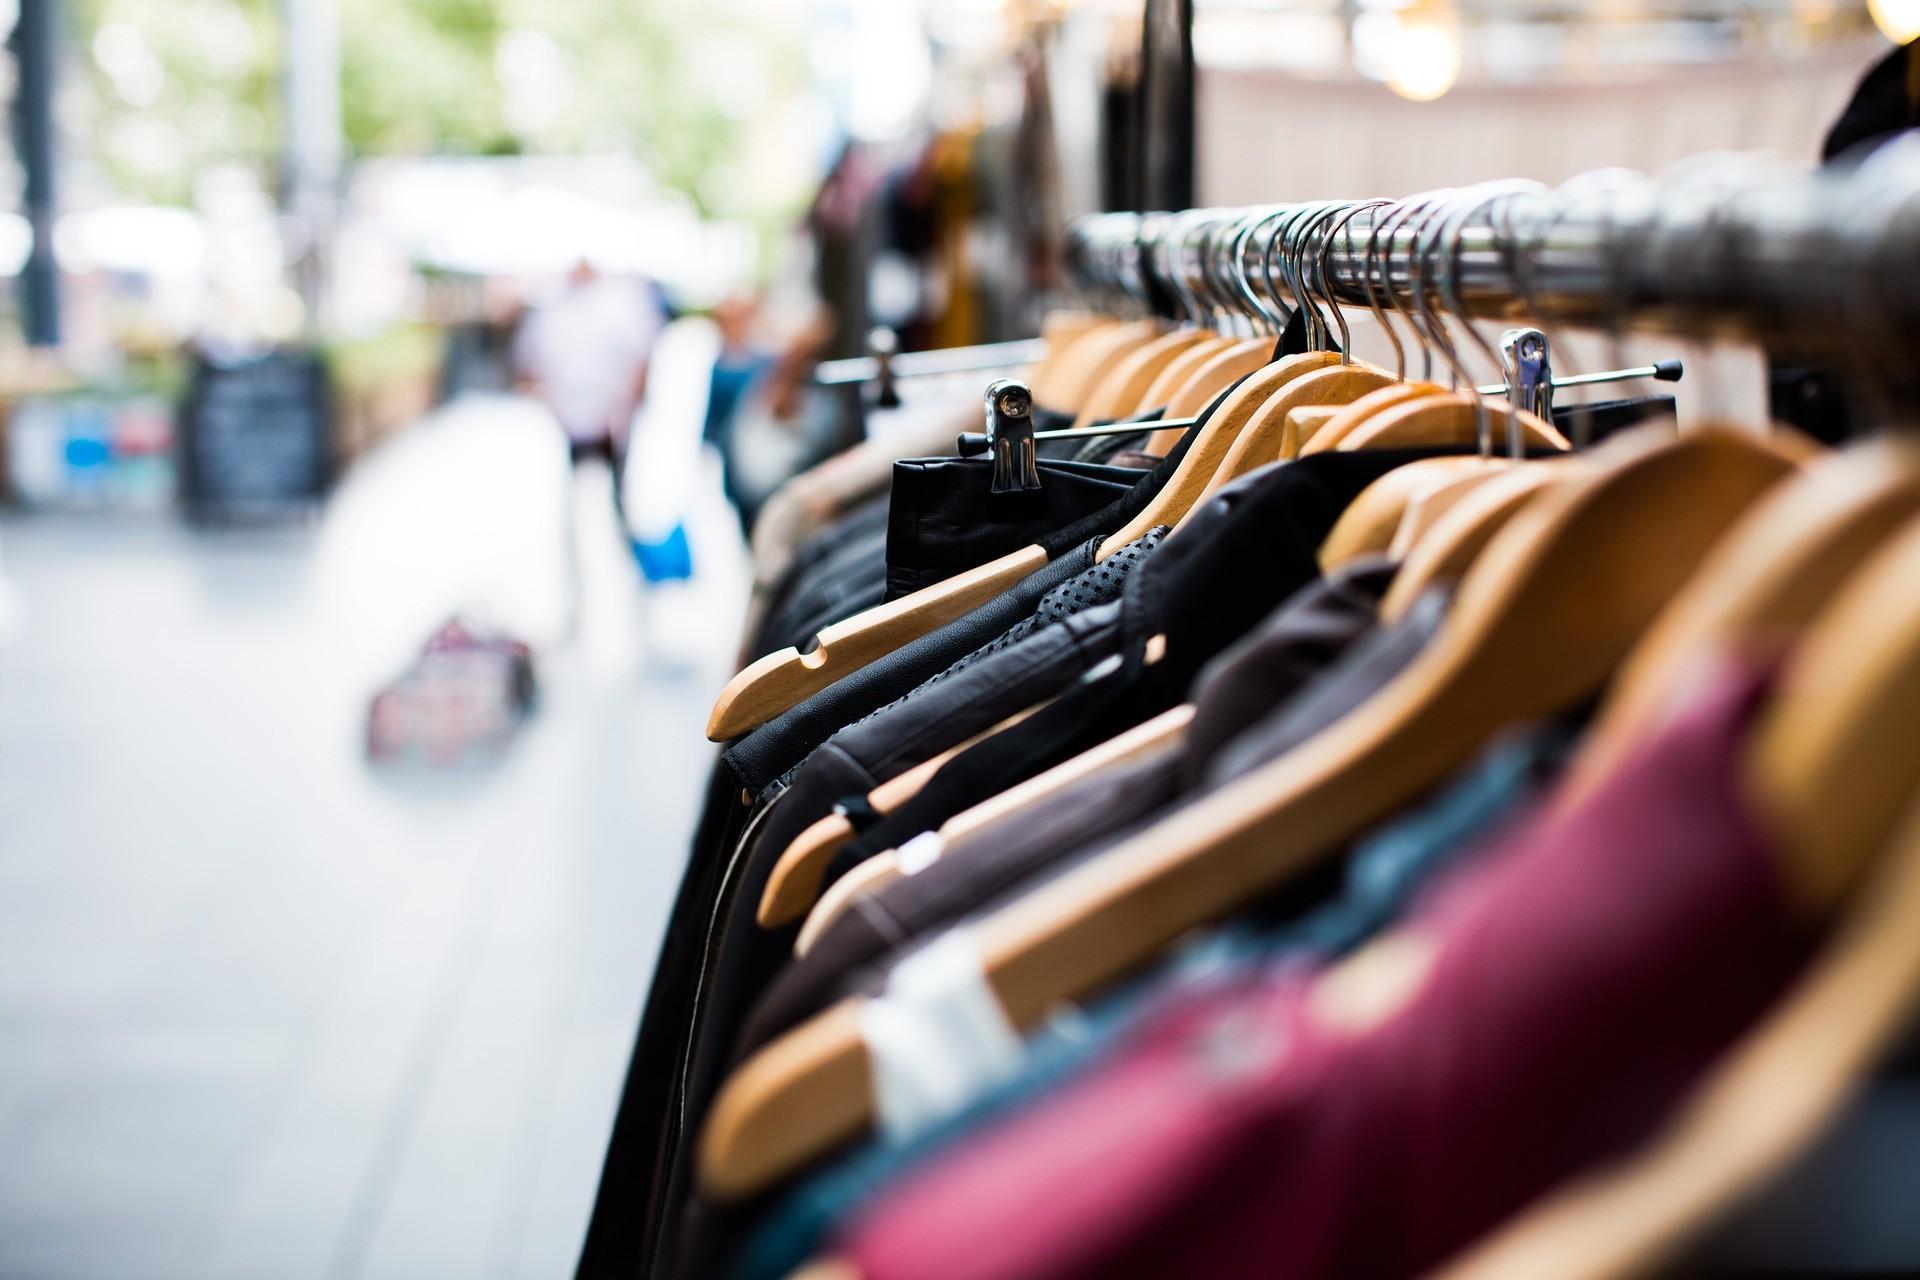 בגדים, שוק, חנות, יריד   צילום אילוסטרציה pixabay